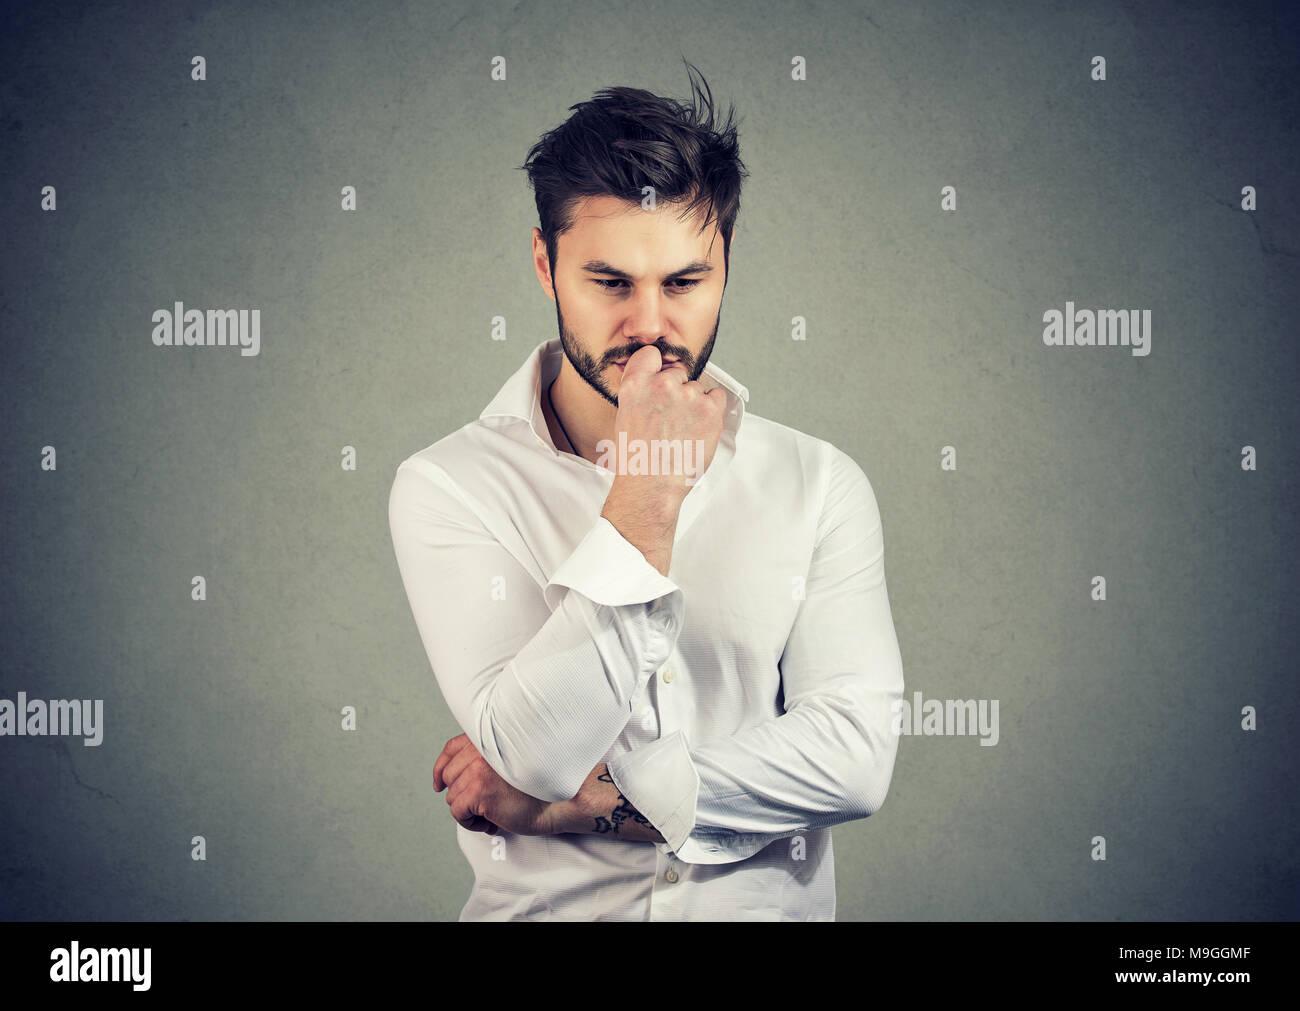 Jeune homme sérieux touchant les lèvres et l'air inquiet tout en résolvant grande question à l'esprit. Photo Stock